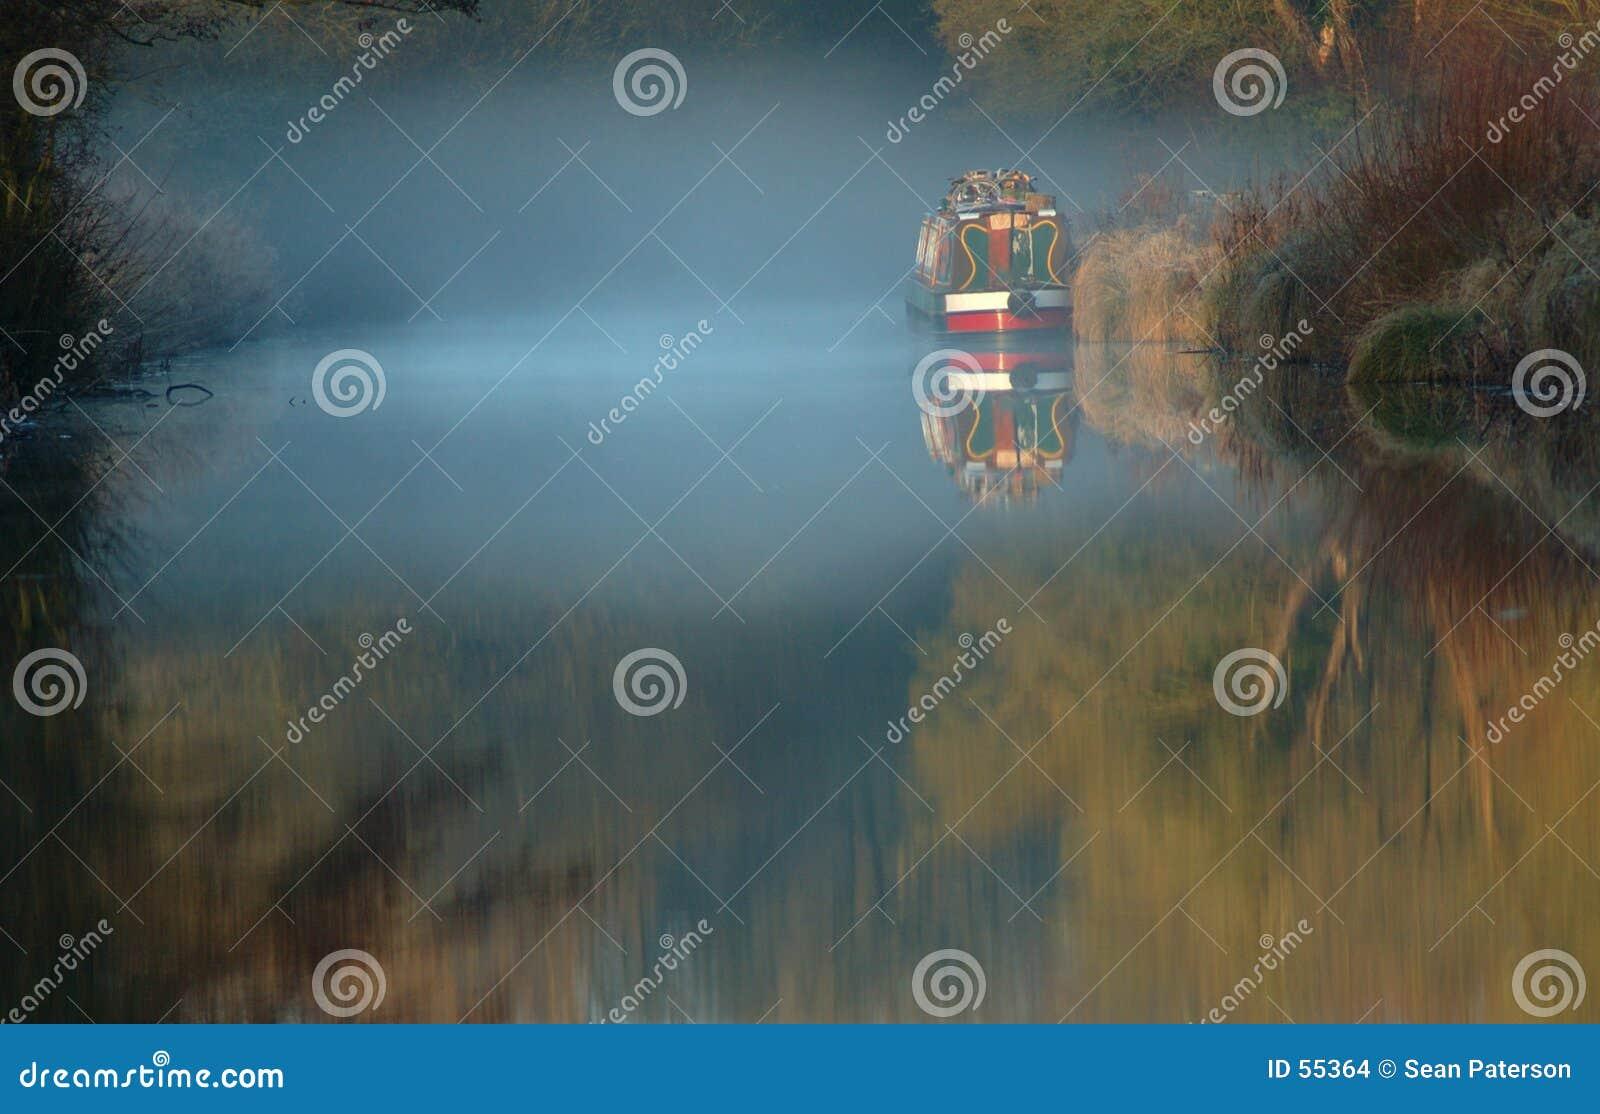 De Mist van EarlyMorning